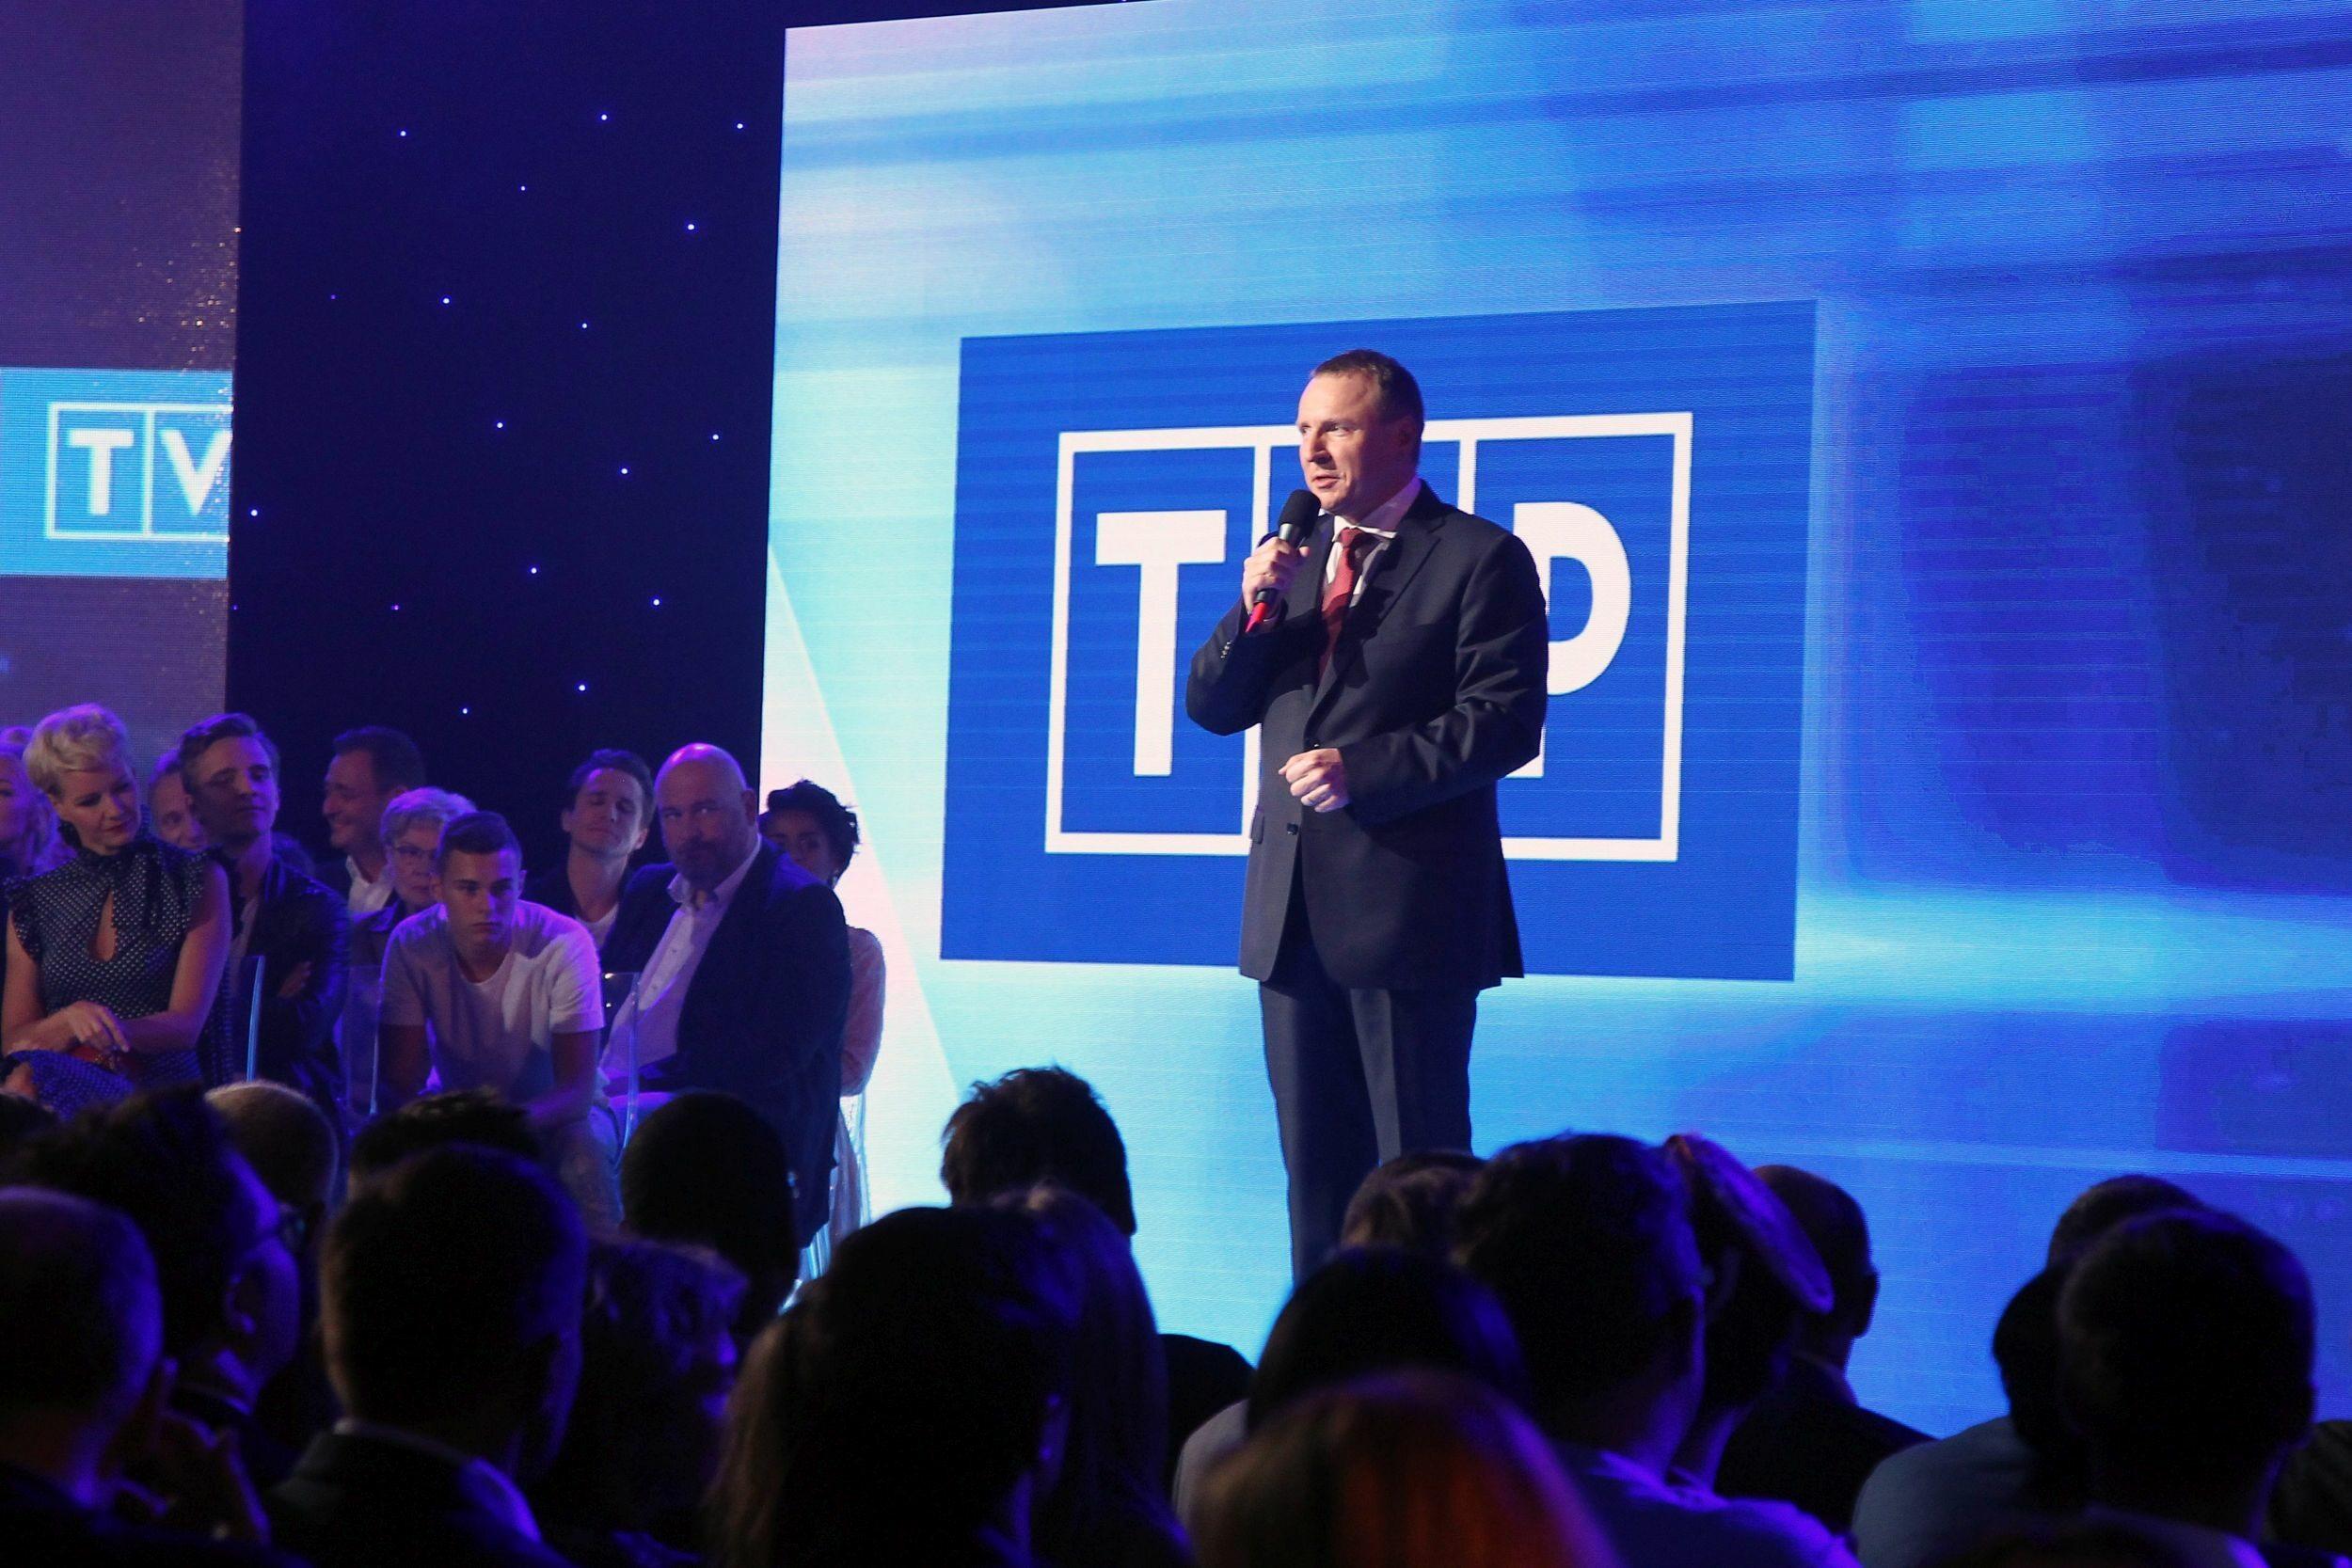 Prezentacja jesiennej ramówki TVP. Na scenie prezes Jacek Kurski